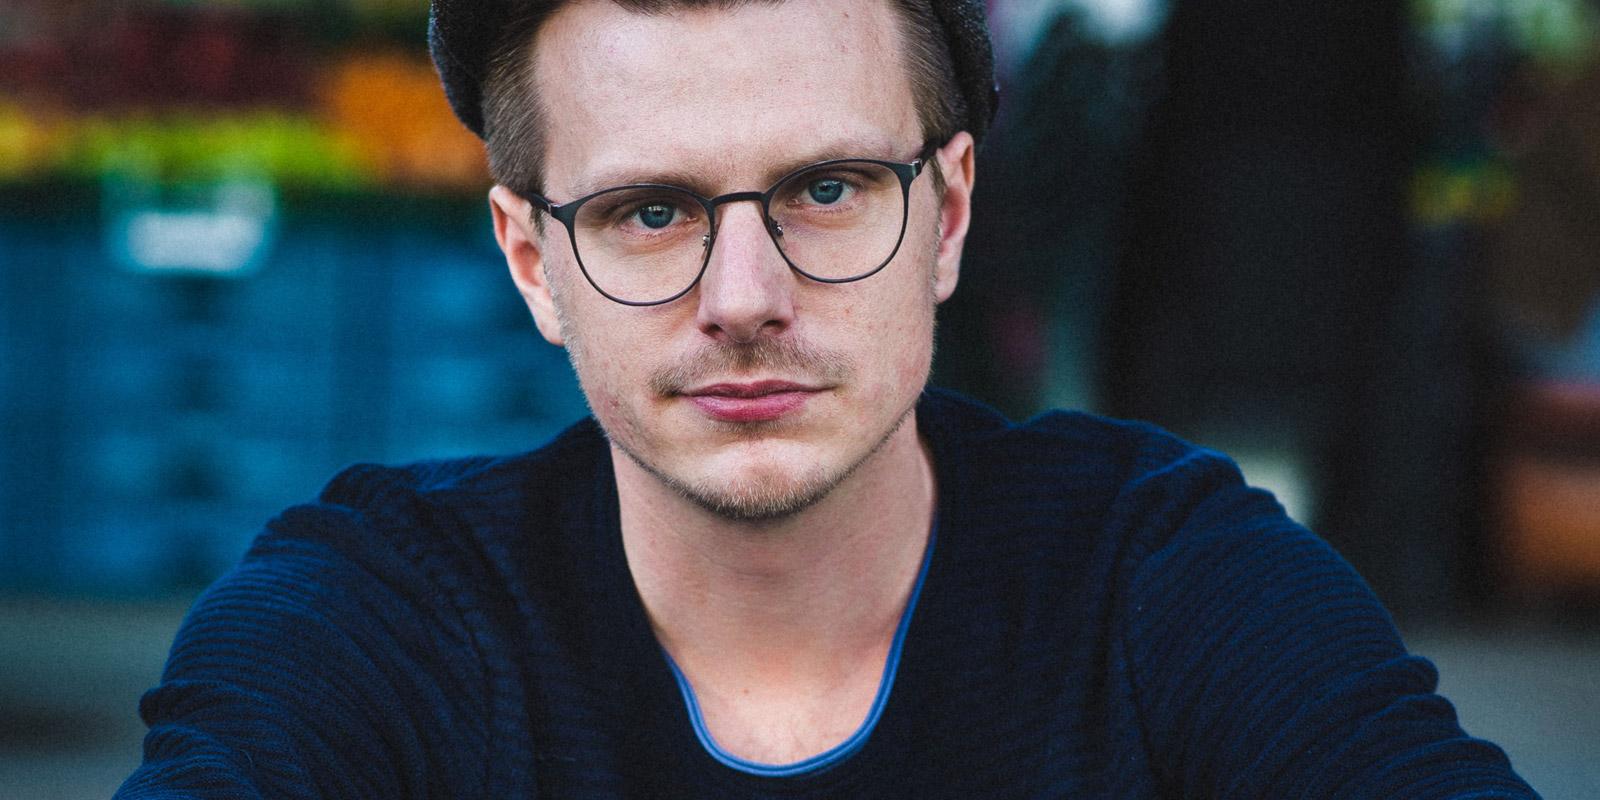 Moritz Neumeier